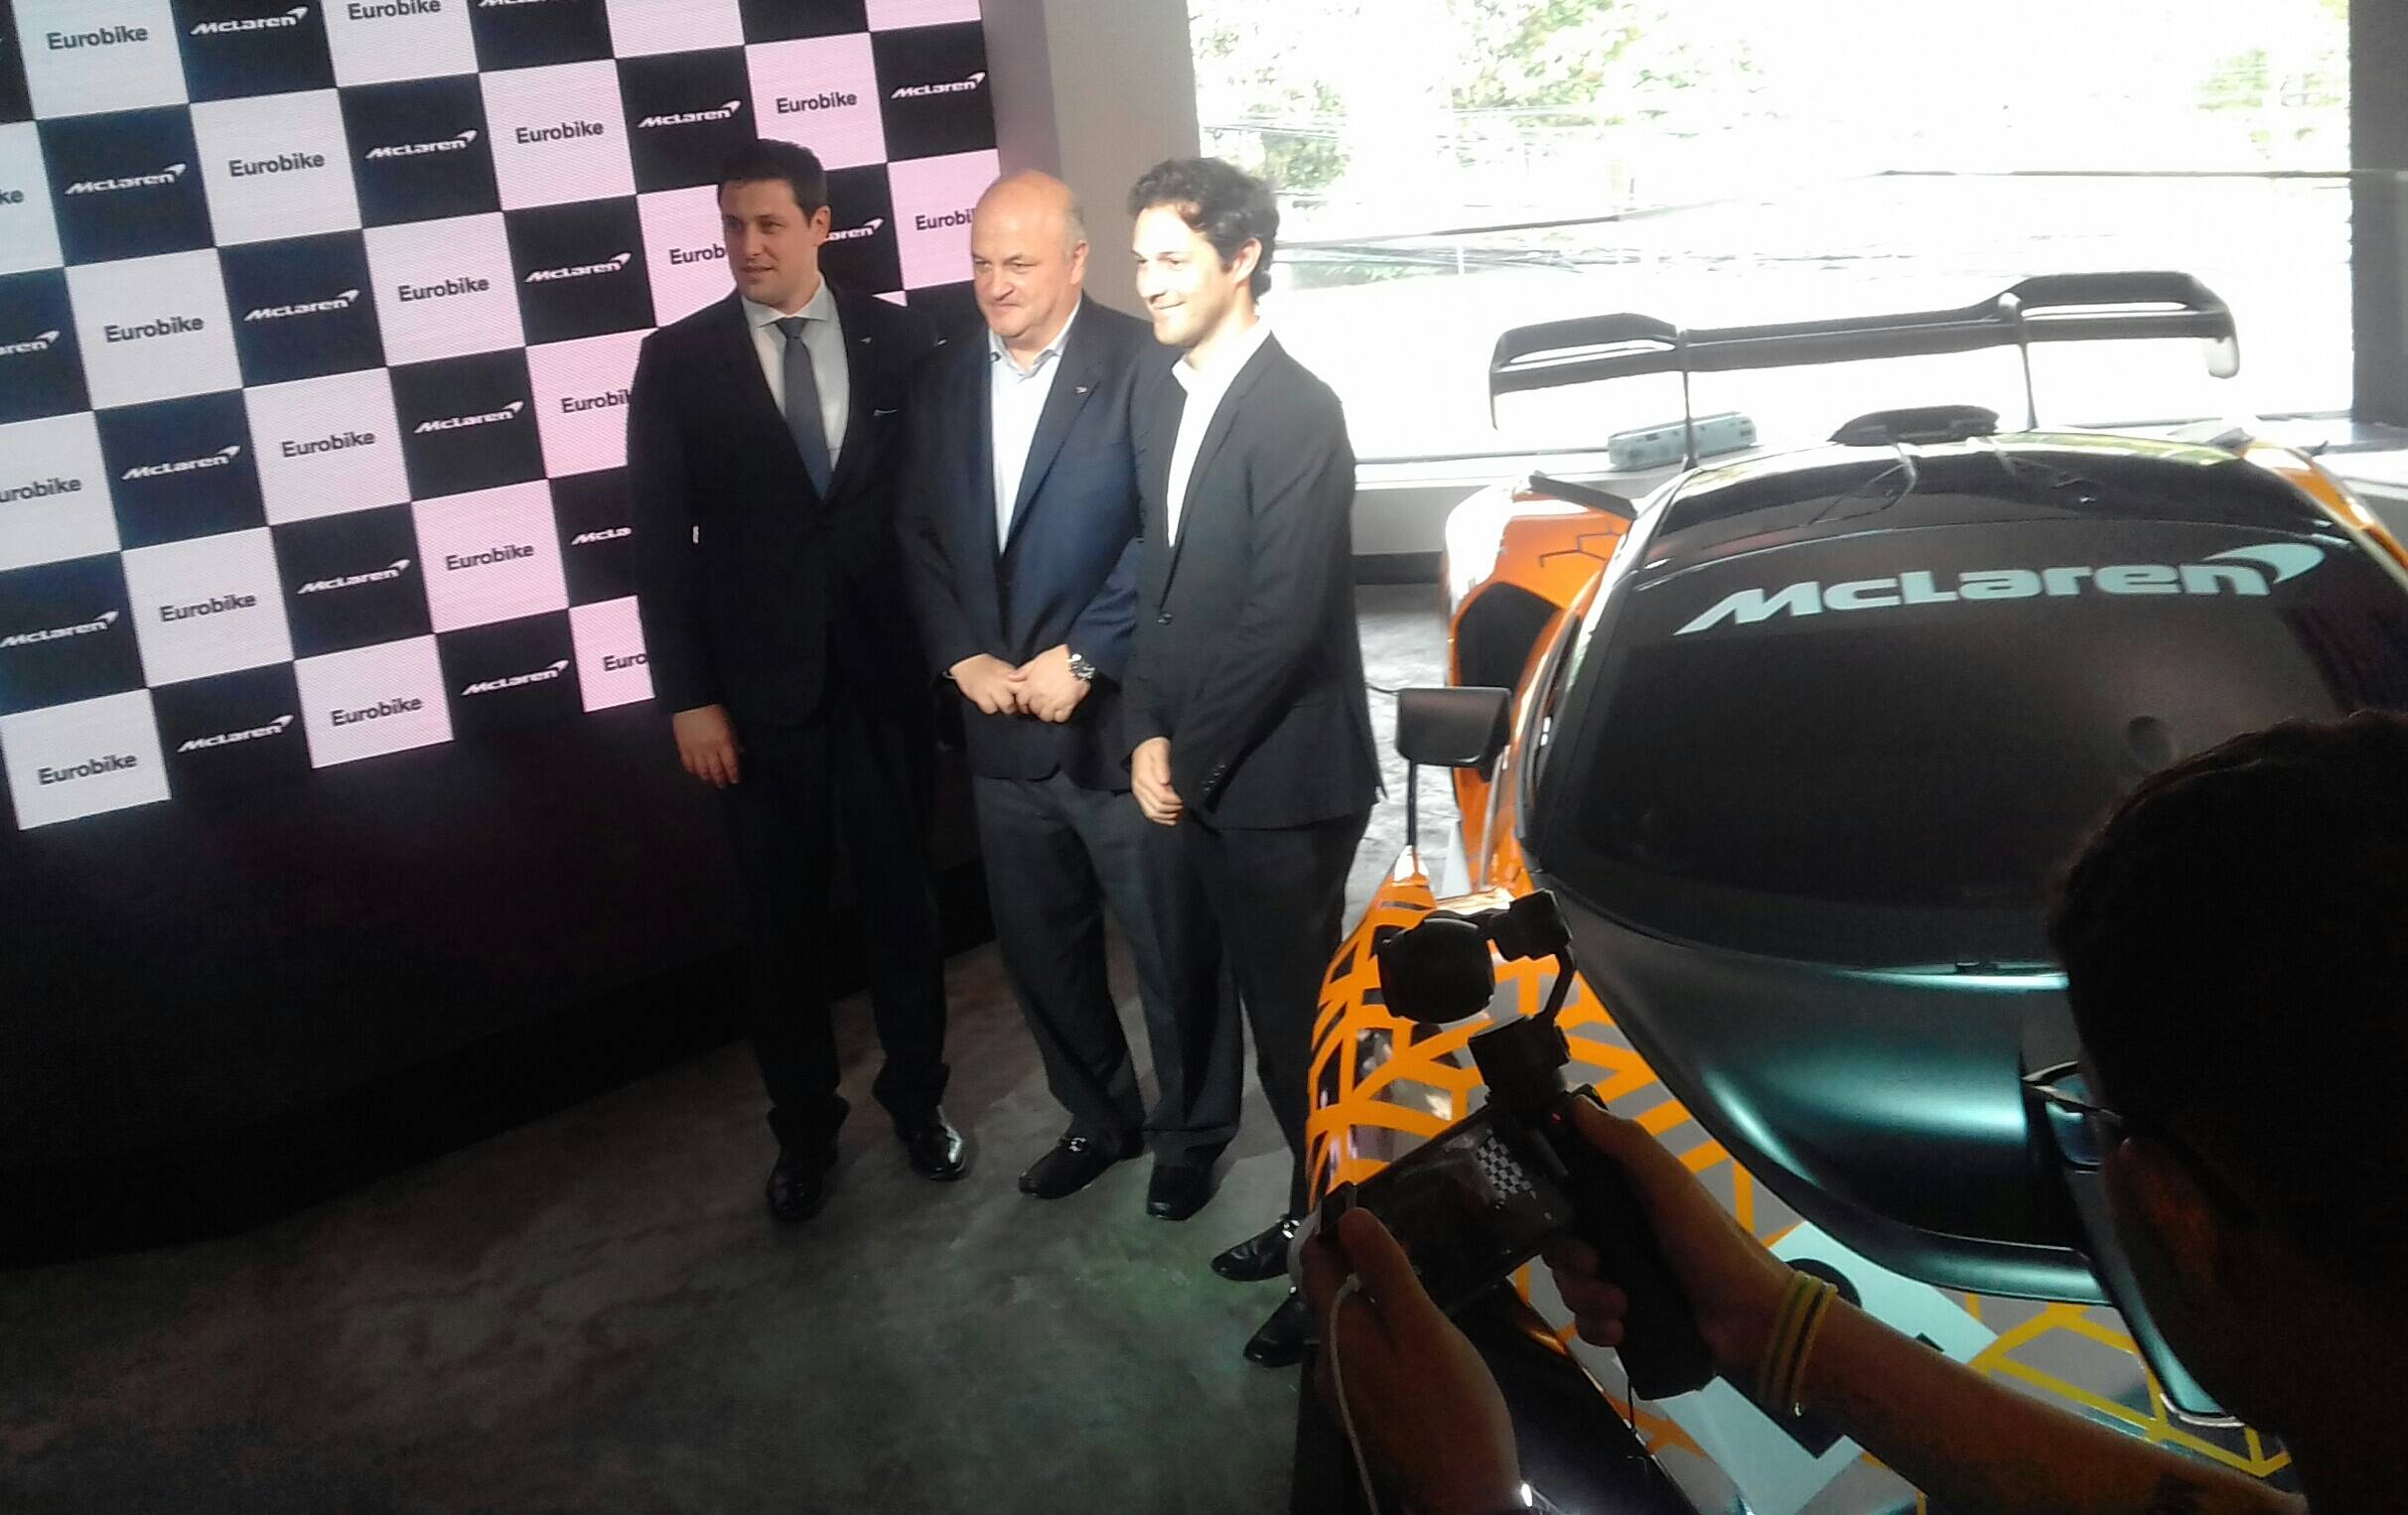 Da esquerda para a direita, Andreas Bareis, diretor geral da McLaren no Oriente Médio, África e América Latina; Henry Visconde, proprietário do Grupo Eurobike e Bruno Senna, piloto de WEC. Foto: Carlos Guimarães/iG